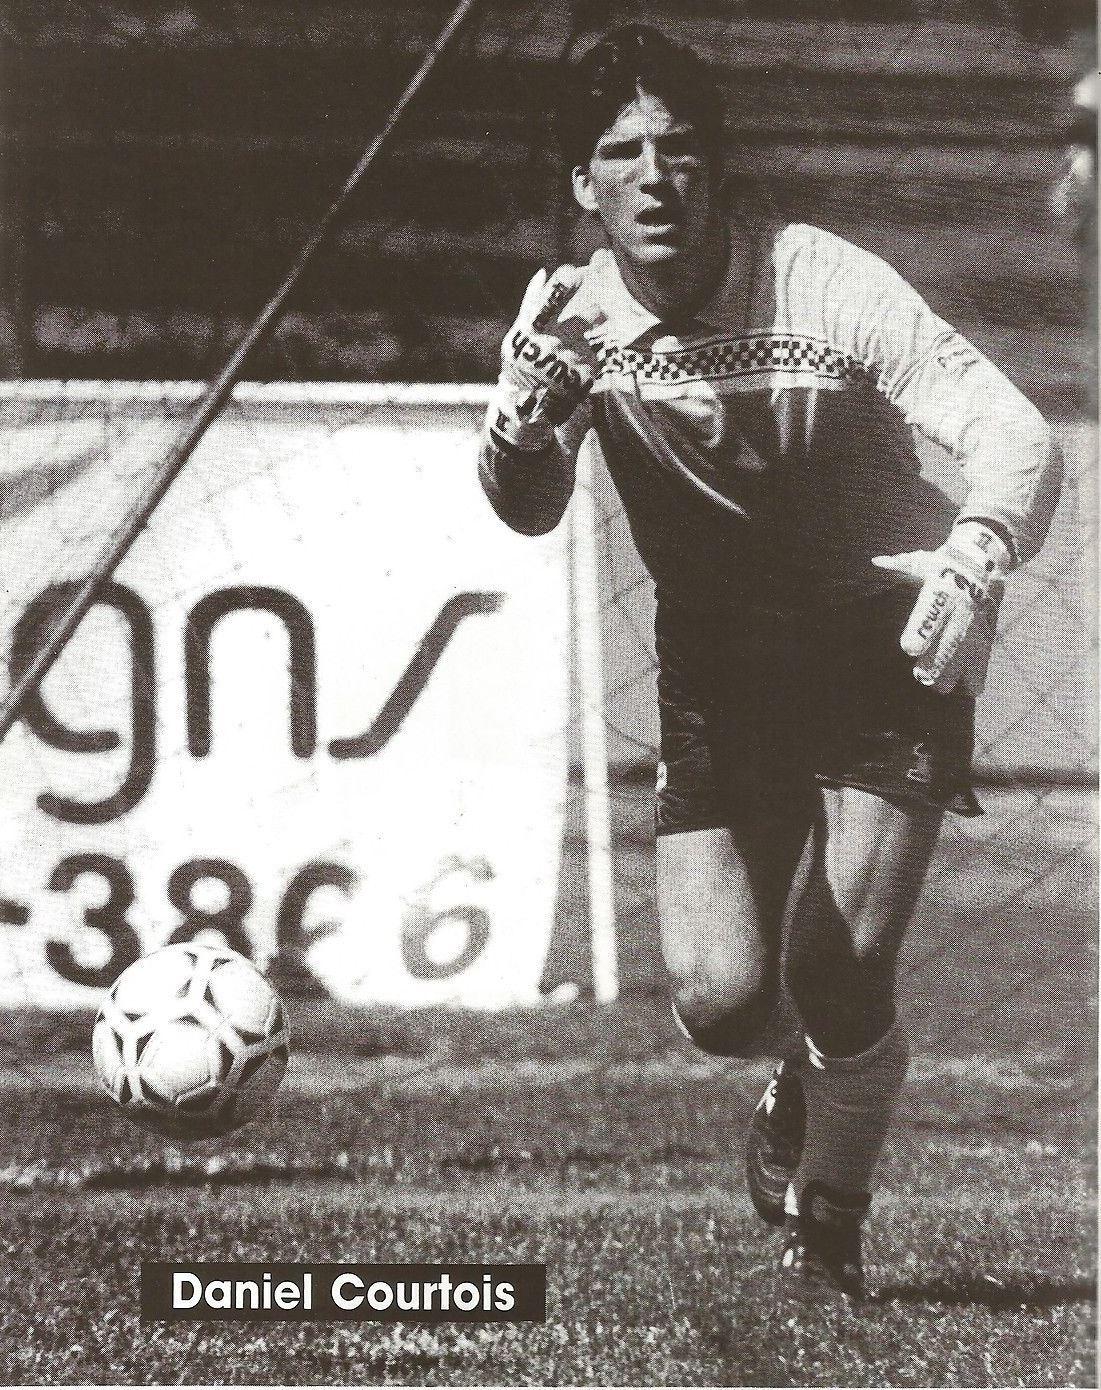 Supra 88 Goalie Daniel Courtois.jpg